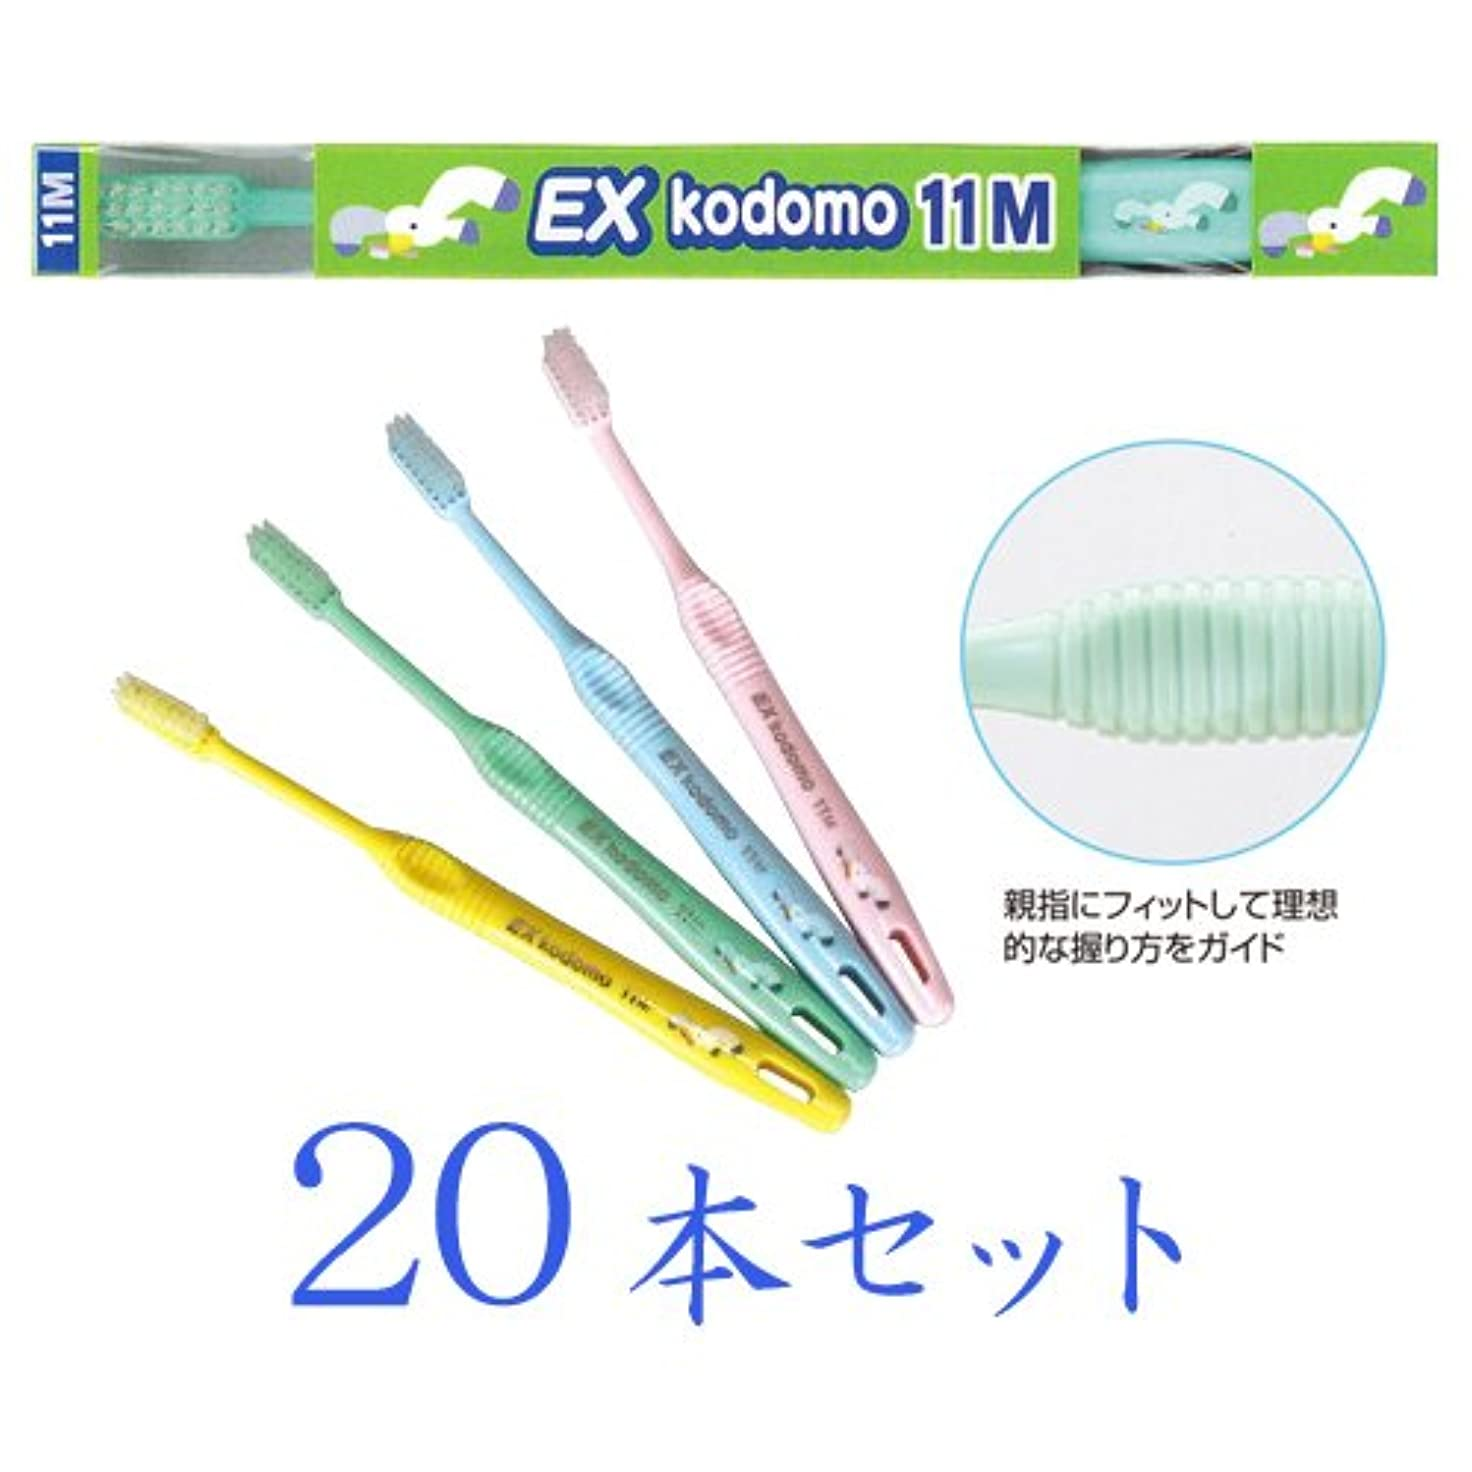 構造的蓮満州ライオン DENT.EX コドモ歯ブラシ 20本入 11M(混合歯列後期用?8~12歳)(カモメ)